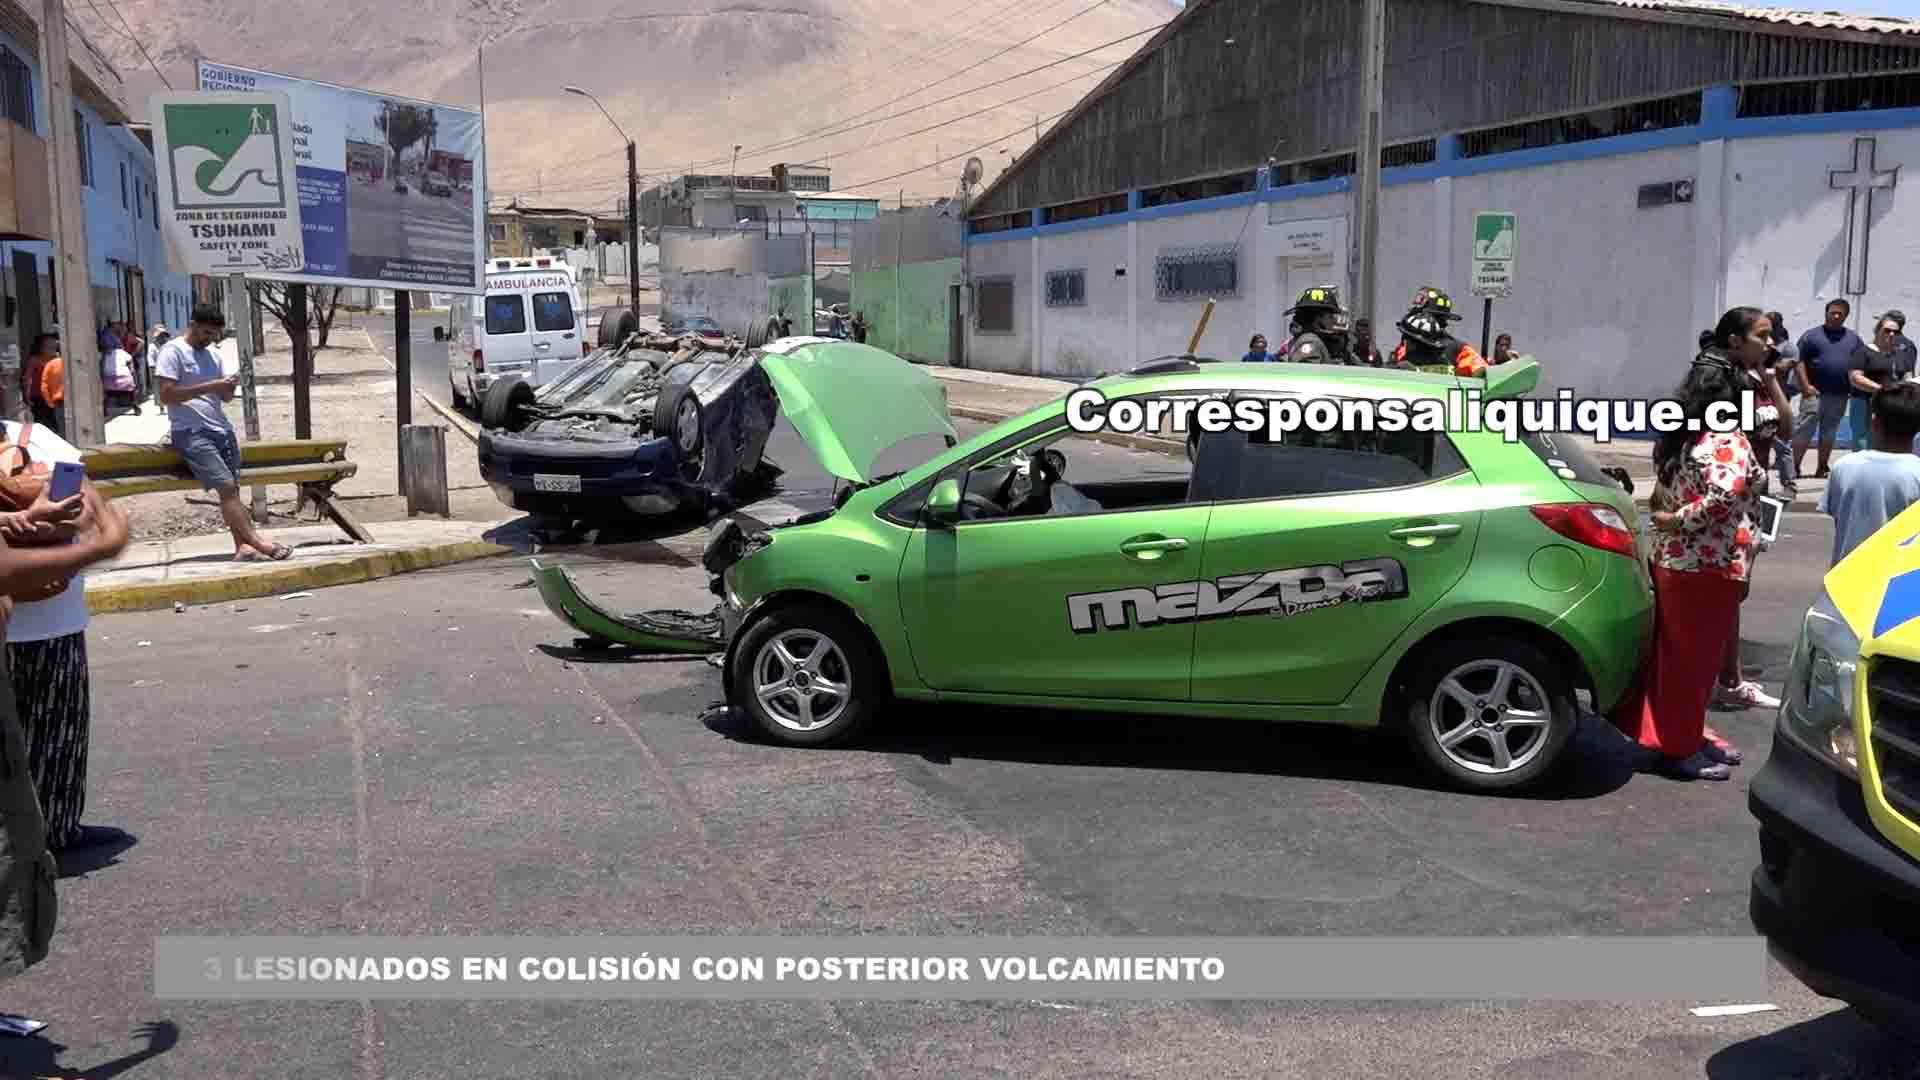 Photo of 3 lesionados en colisión con posterior volcamiento